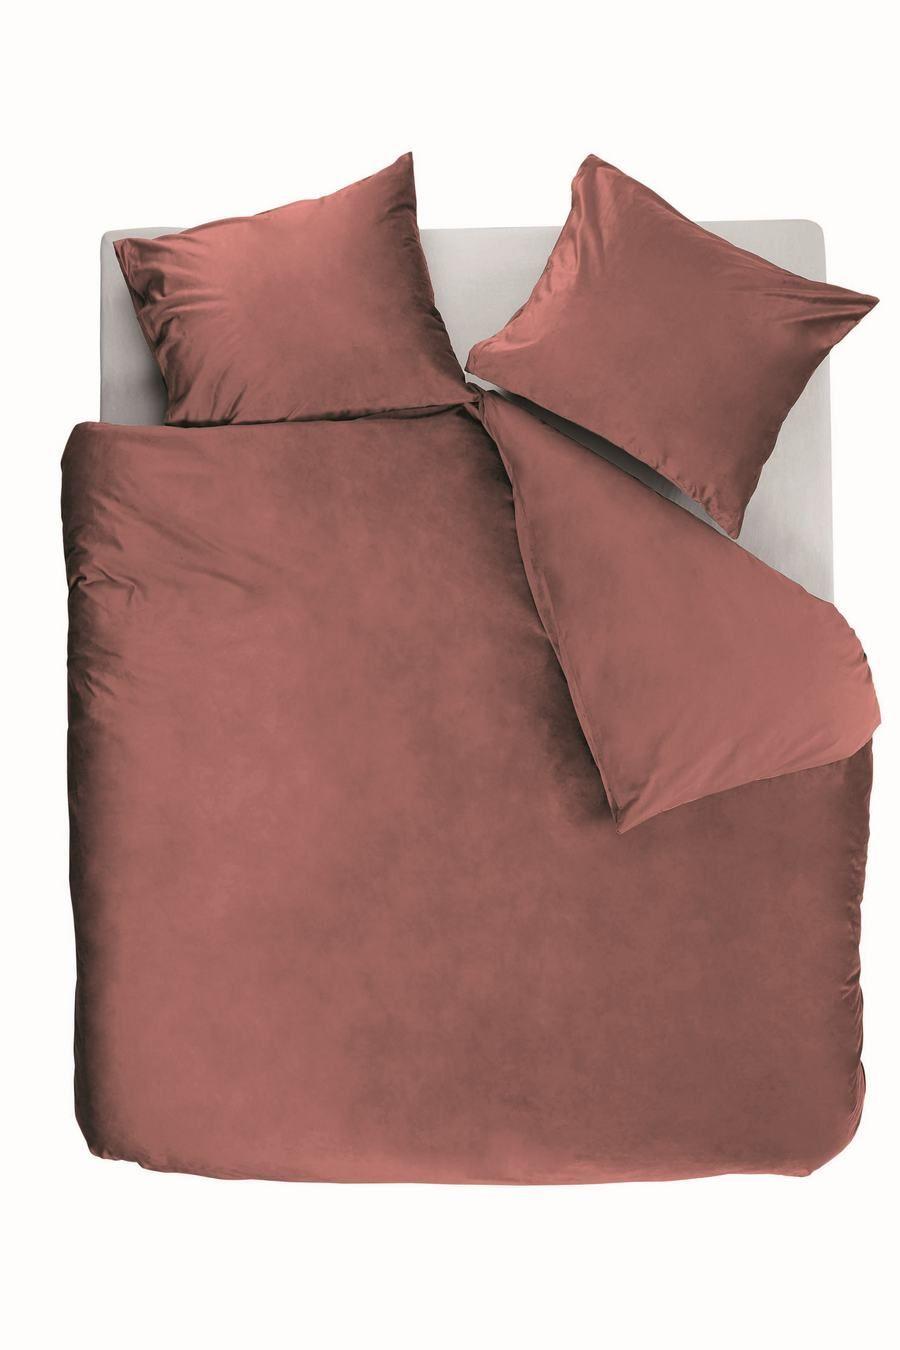 Beddinghouse - Tender dark pink dekbedovertrek